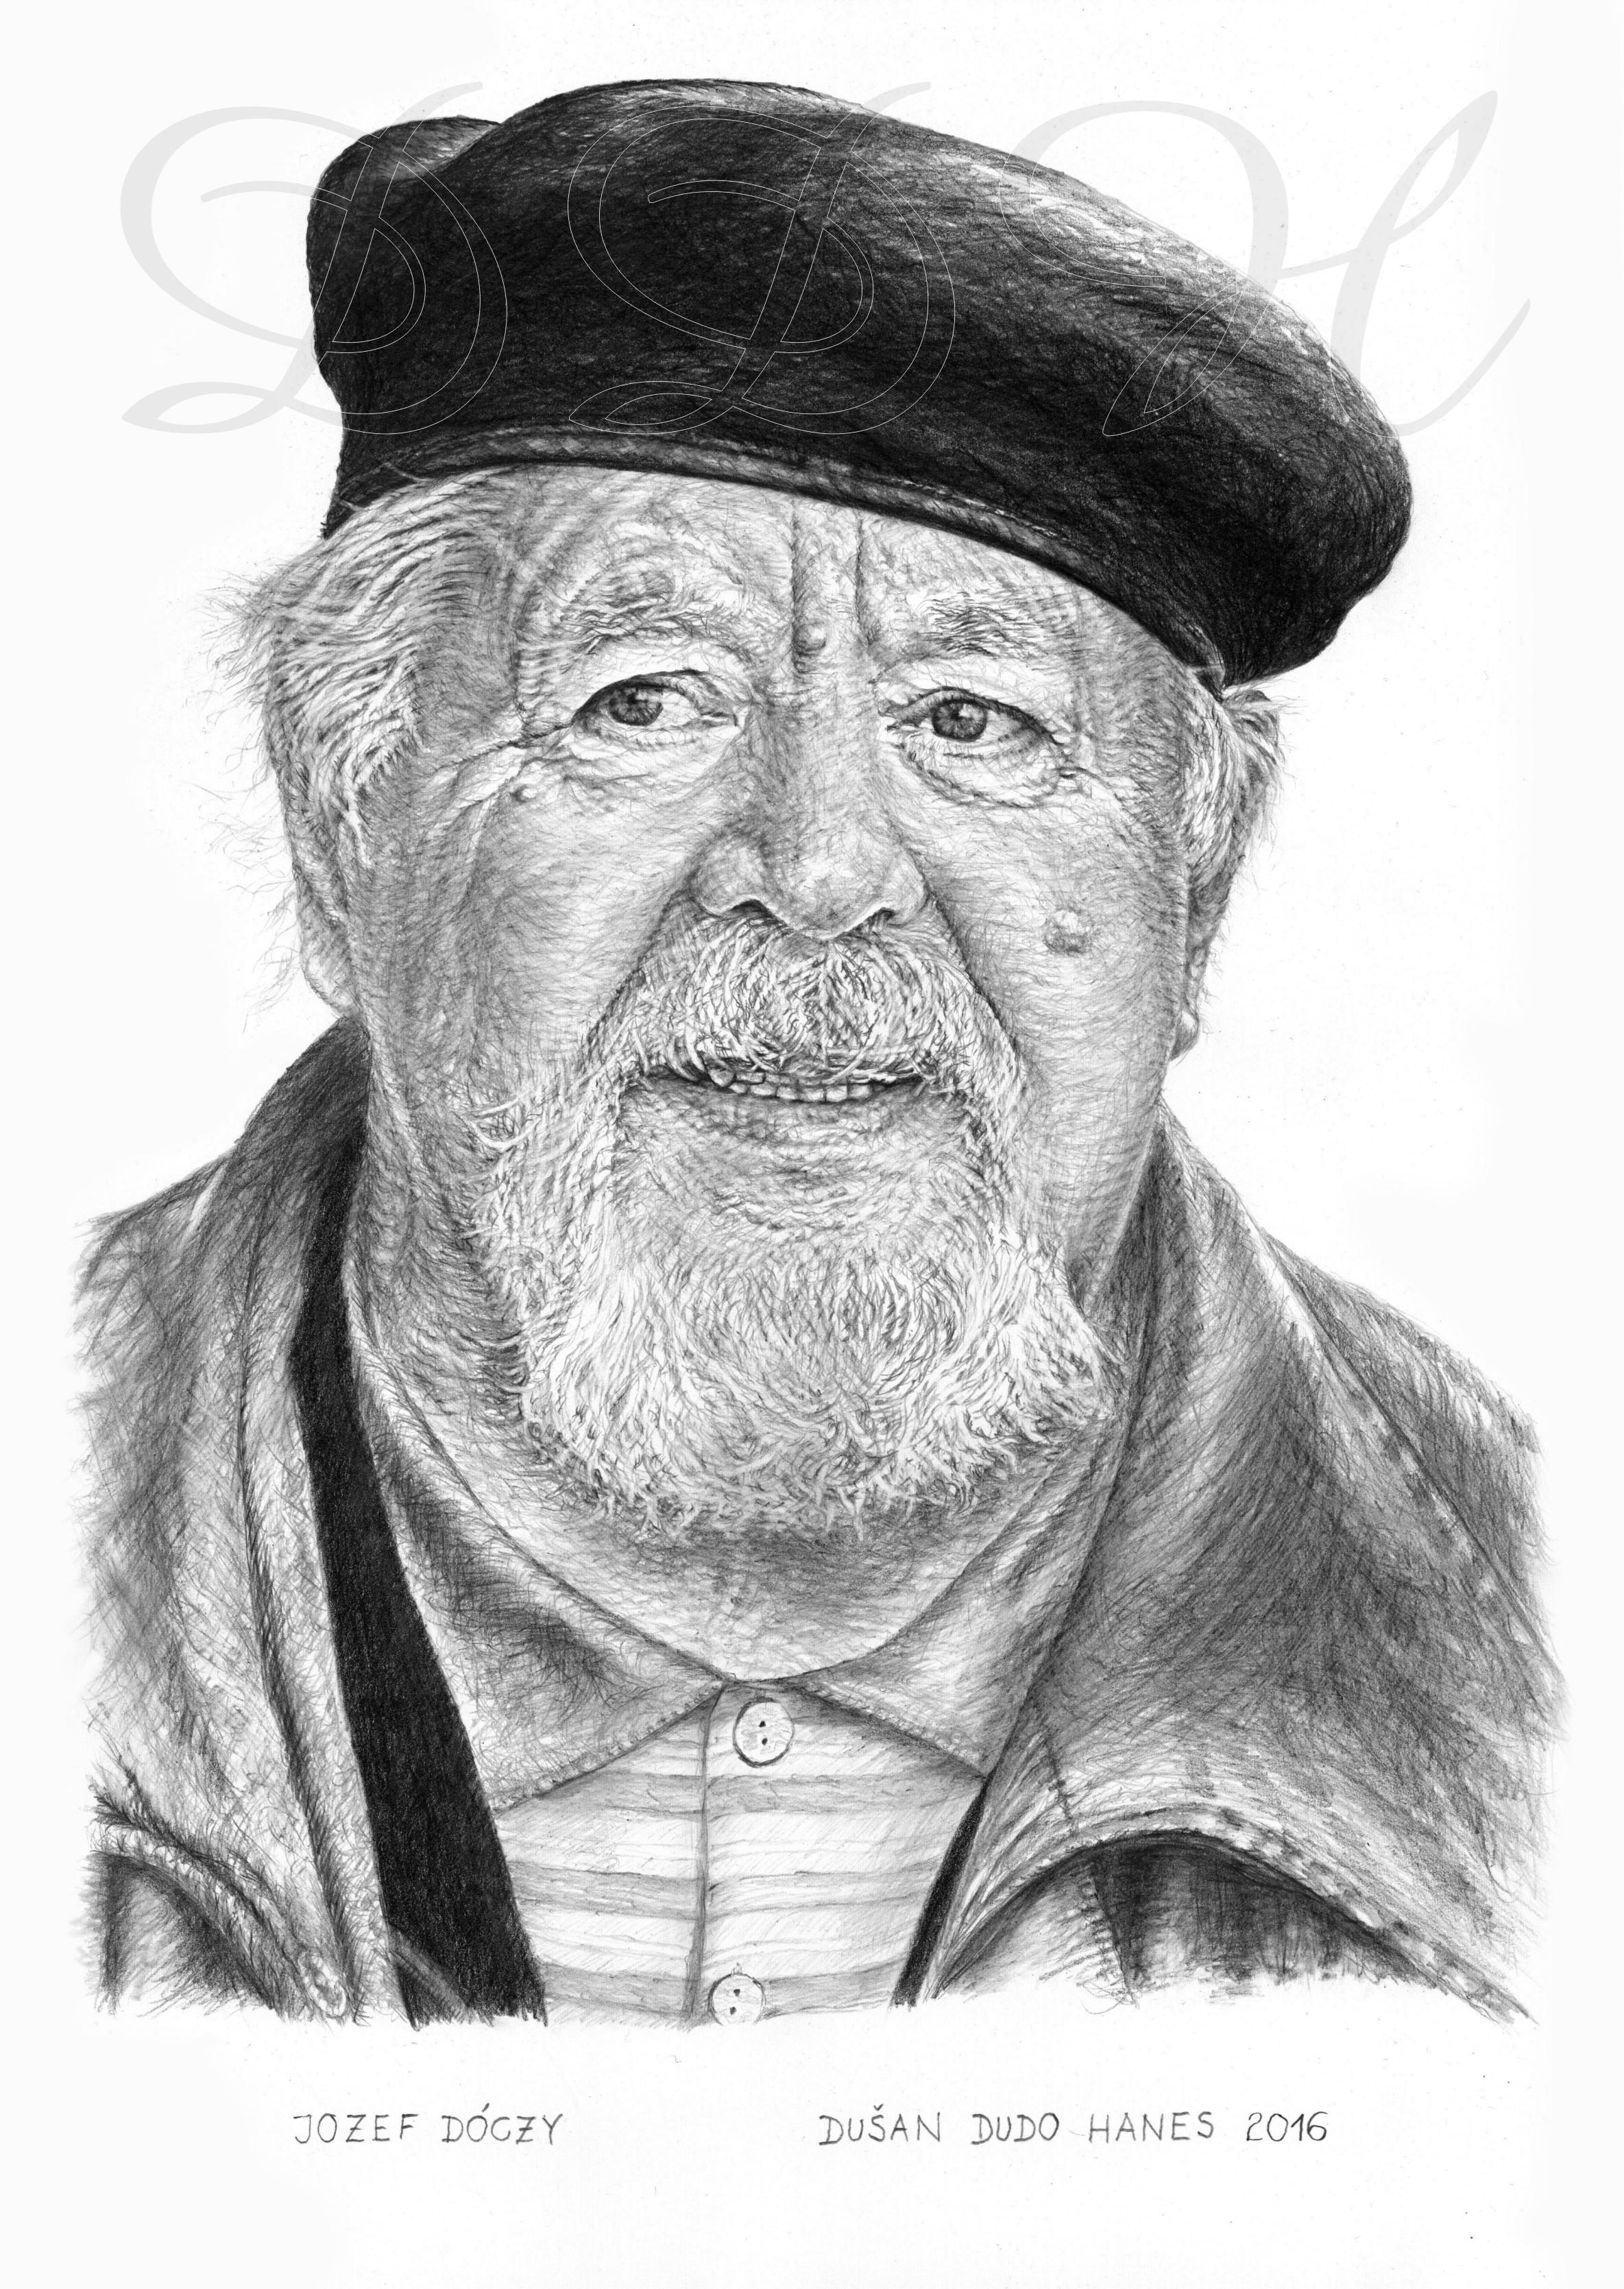 112 - Jozef Dóczy, portrét Dušan Dudo Hanes